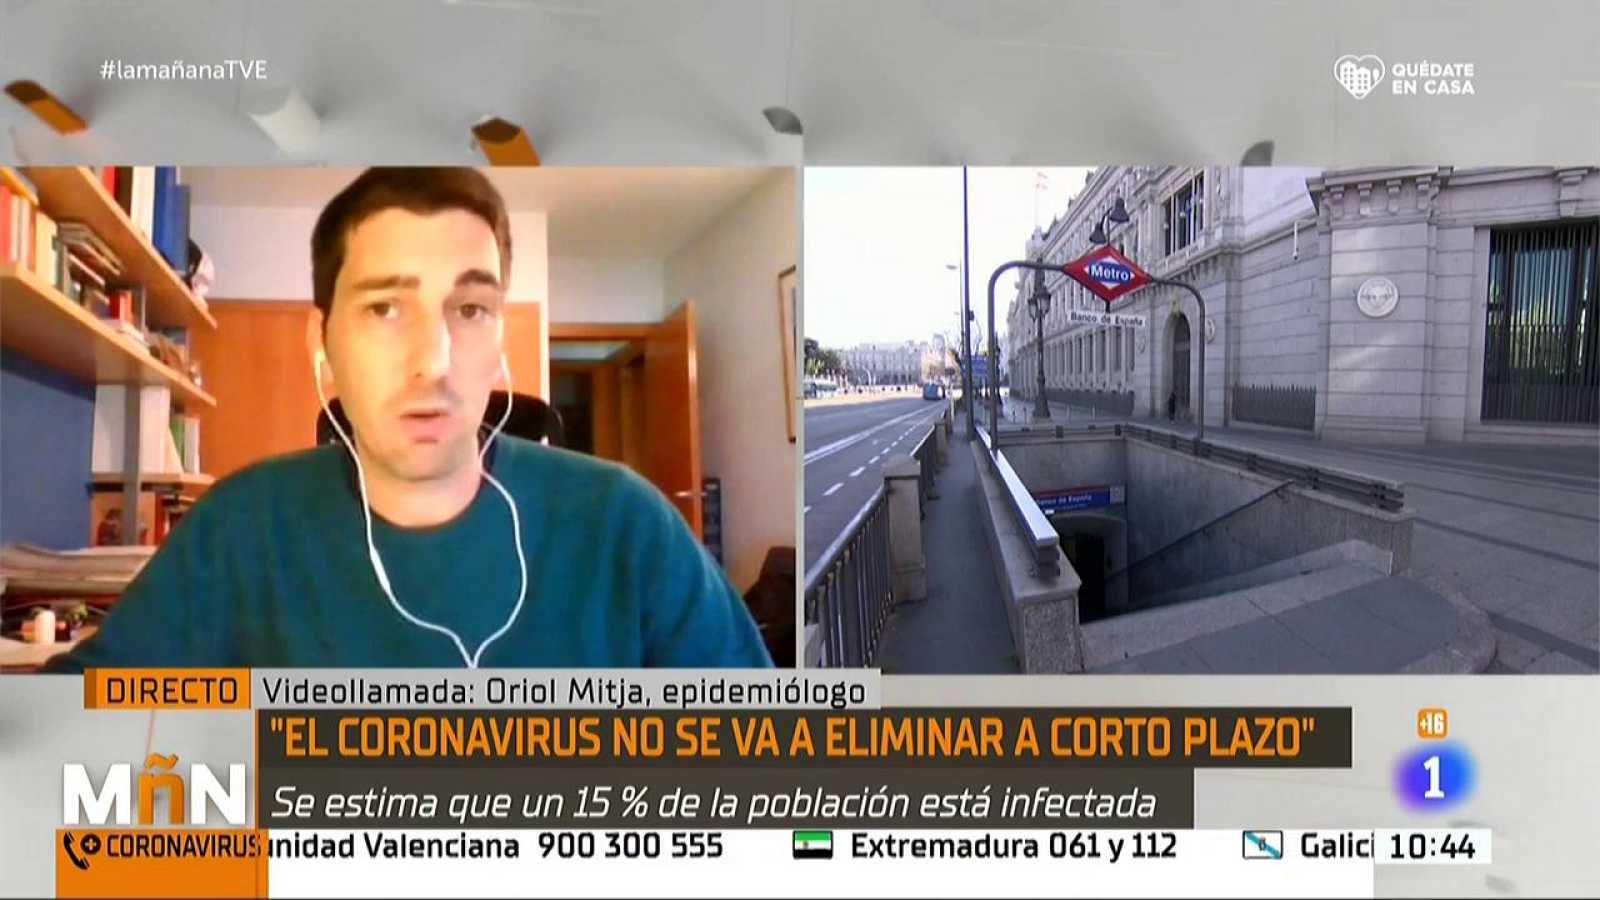 Las claves para la desescalada de Oriol Mitja, el epidemiólogo que guió a Andorra